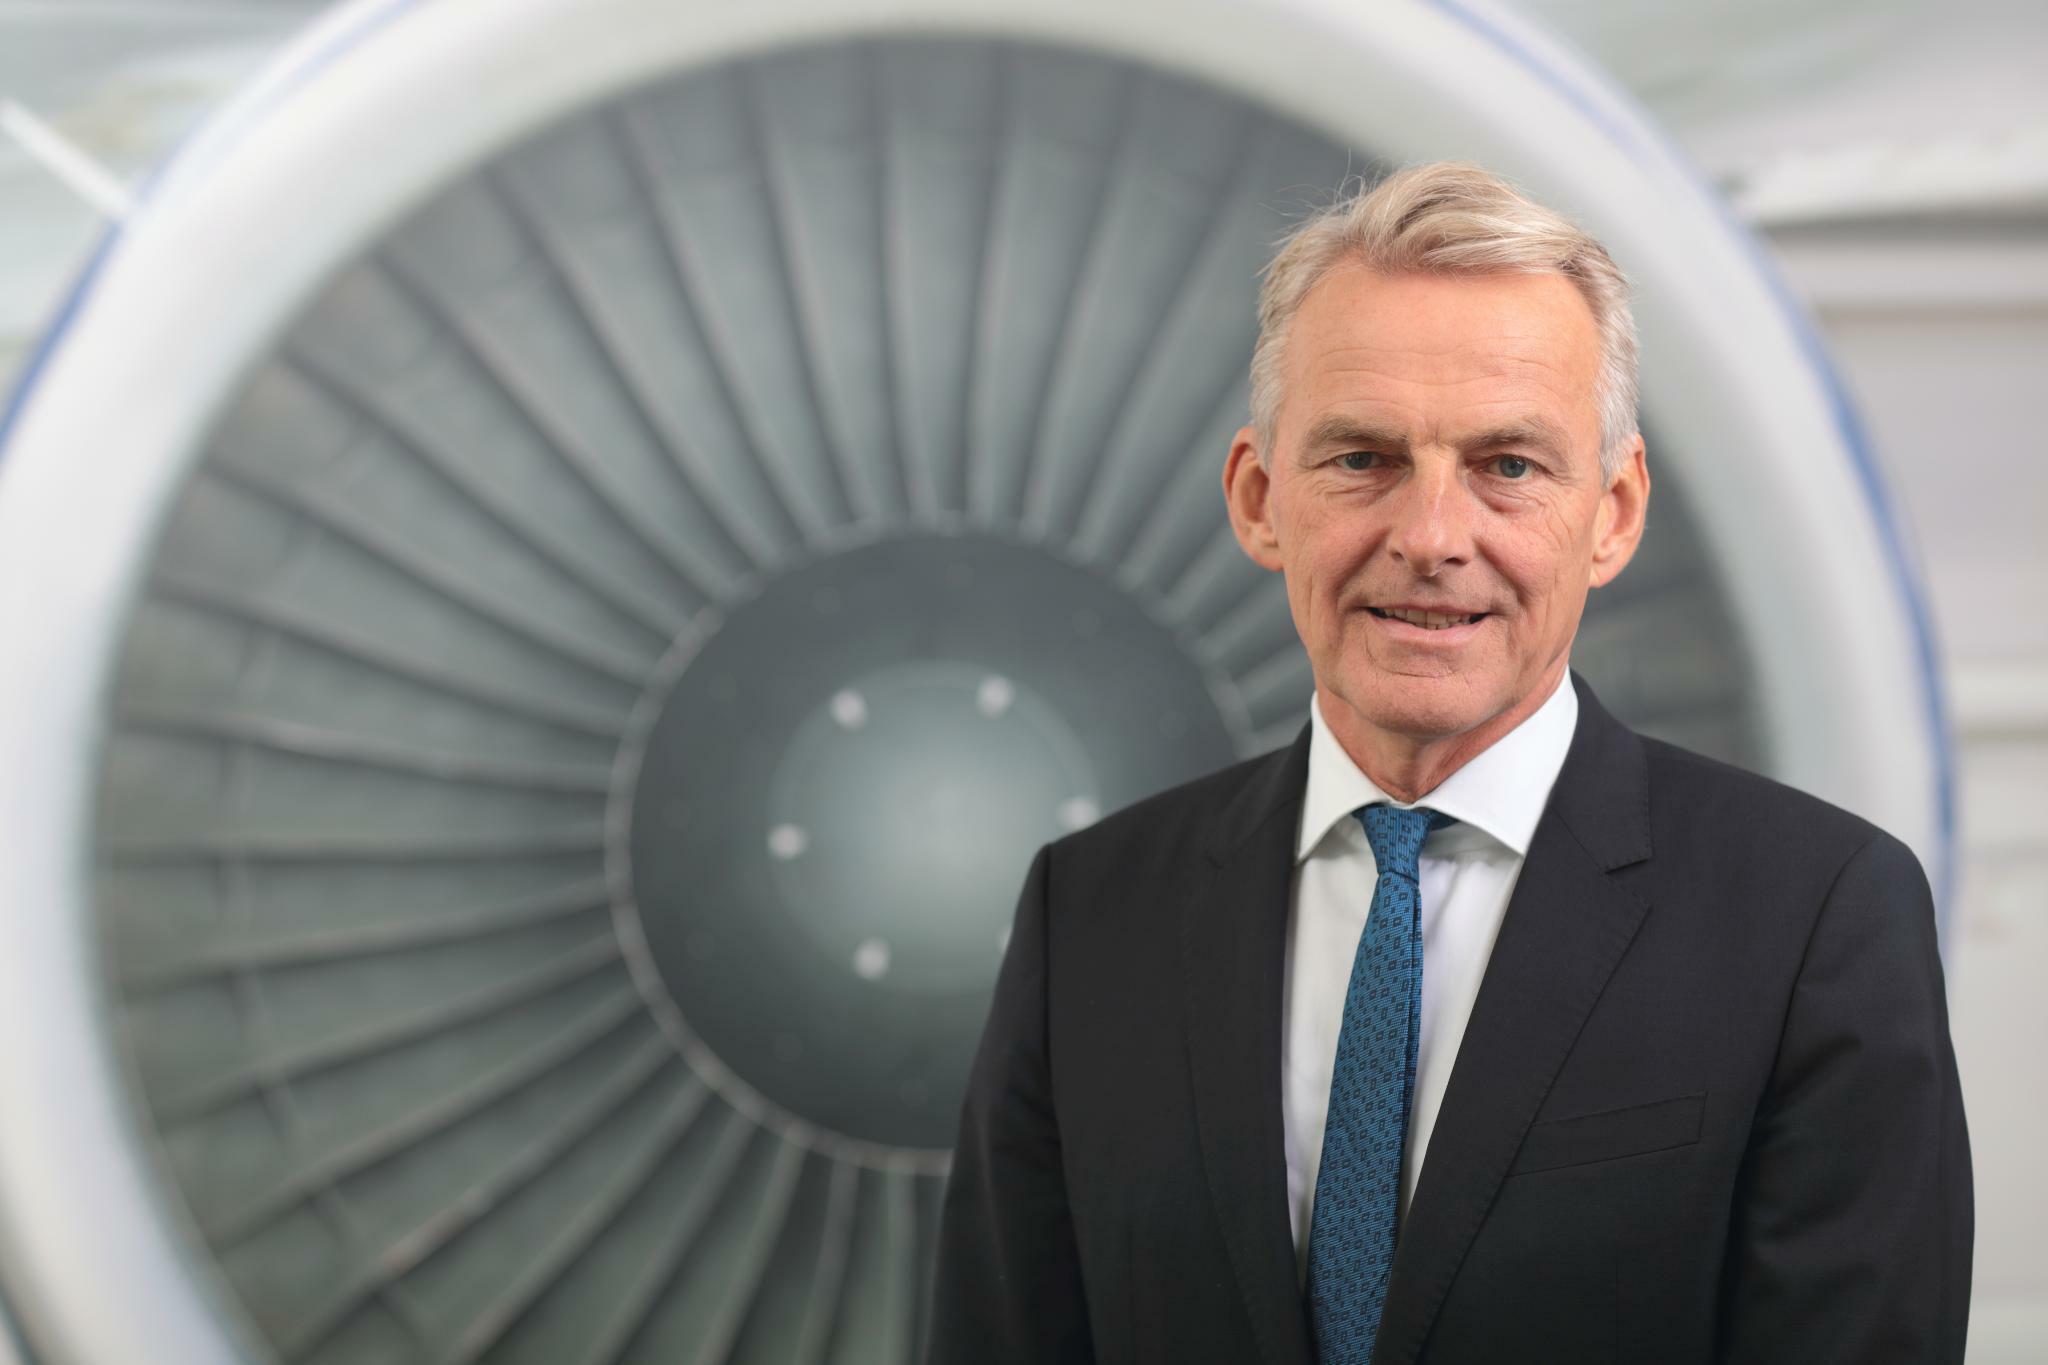 Nach Thomas-Cook-Pleite: So will Condor-Chef Teckentrup die Fluglinie für neue Eigner attraktiv machen